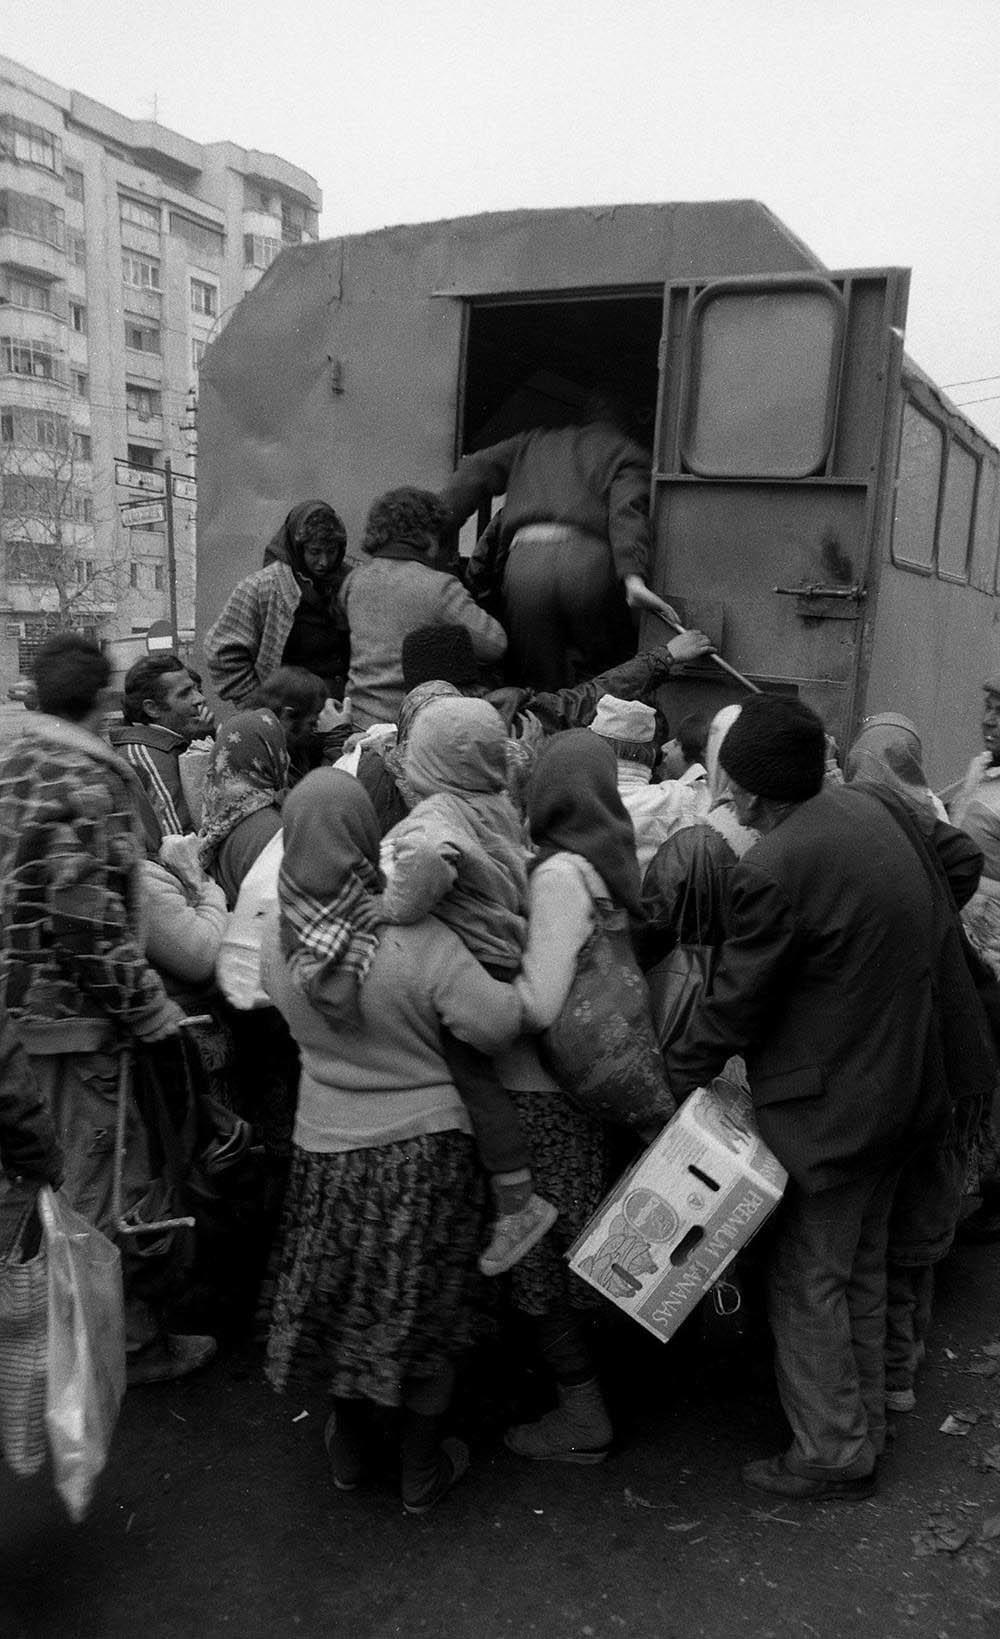 Люди забираются в грузовик, на котором перевозили пассажиров по городу. Сейчас эти грузовики использ